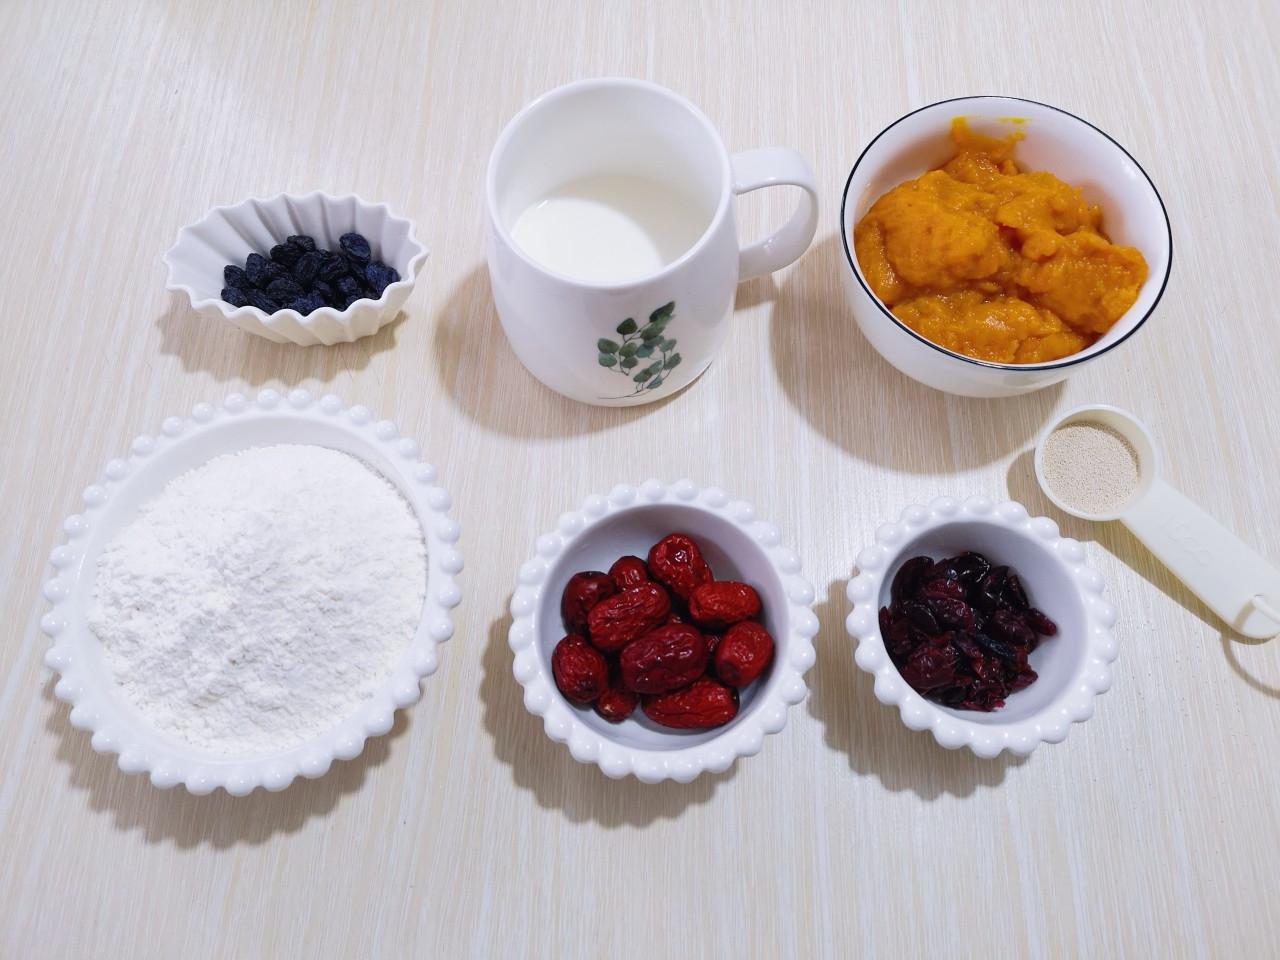 奶香果干南瓜发糕,准备所有食材,南瓜泥提前做好。(南瓜去皮,切小块,隔水蒸熟,用破壁机或料理机将其打成南瓜泥)</p> <p>2